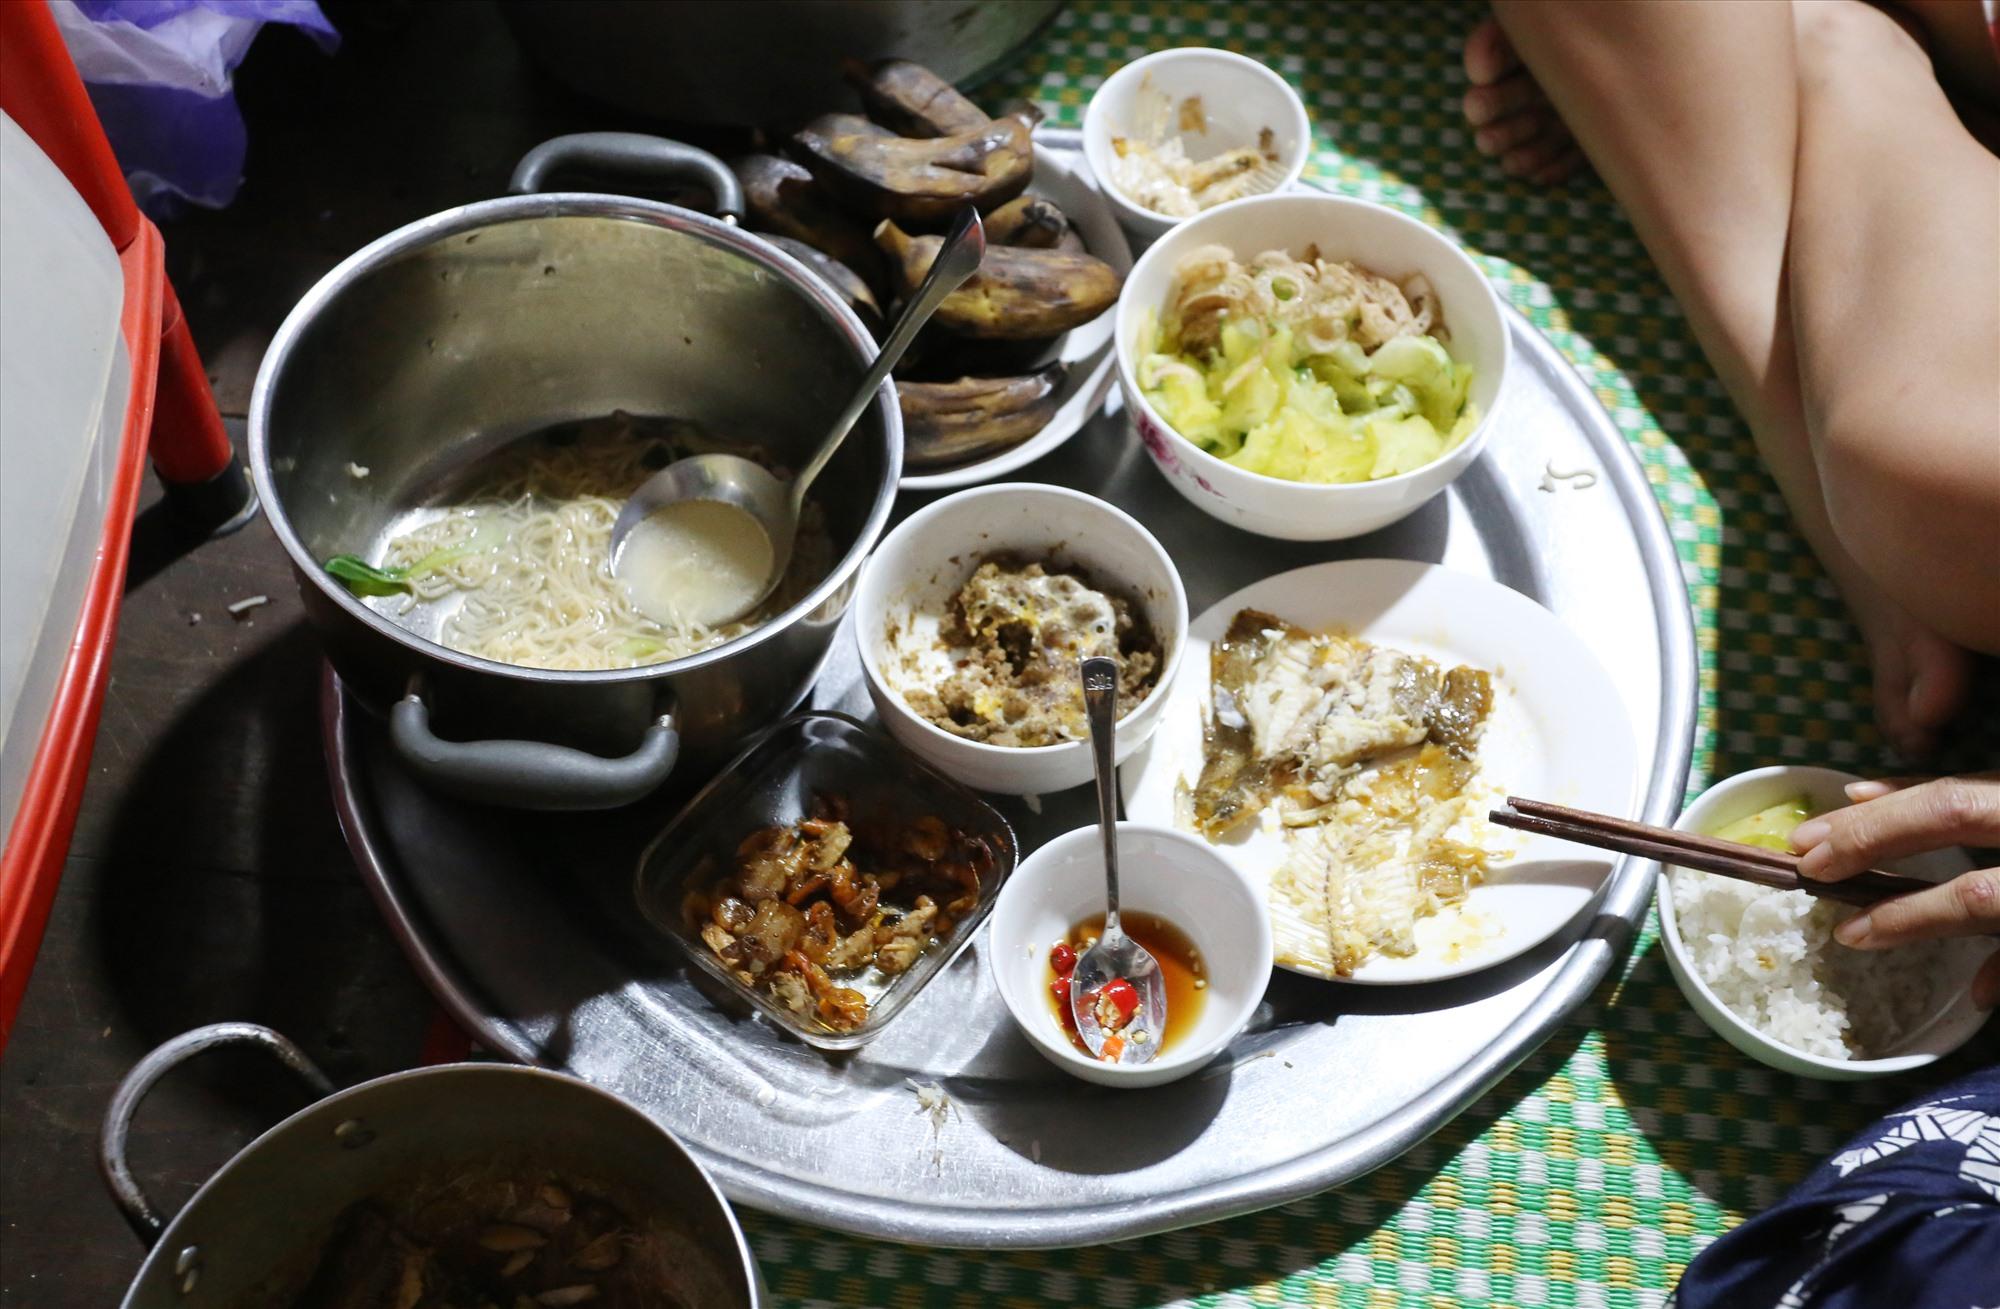 Bữa ăn ngày lũ của gia đình anh Tiến có đẩy đủ, gồm cơm và các món ăn như cá, canh, thịt kho và rau xào.